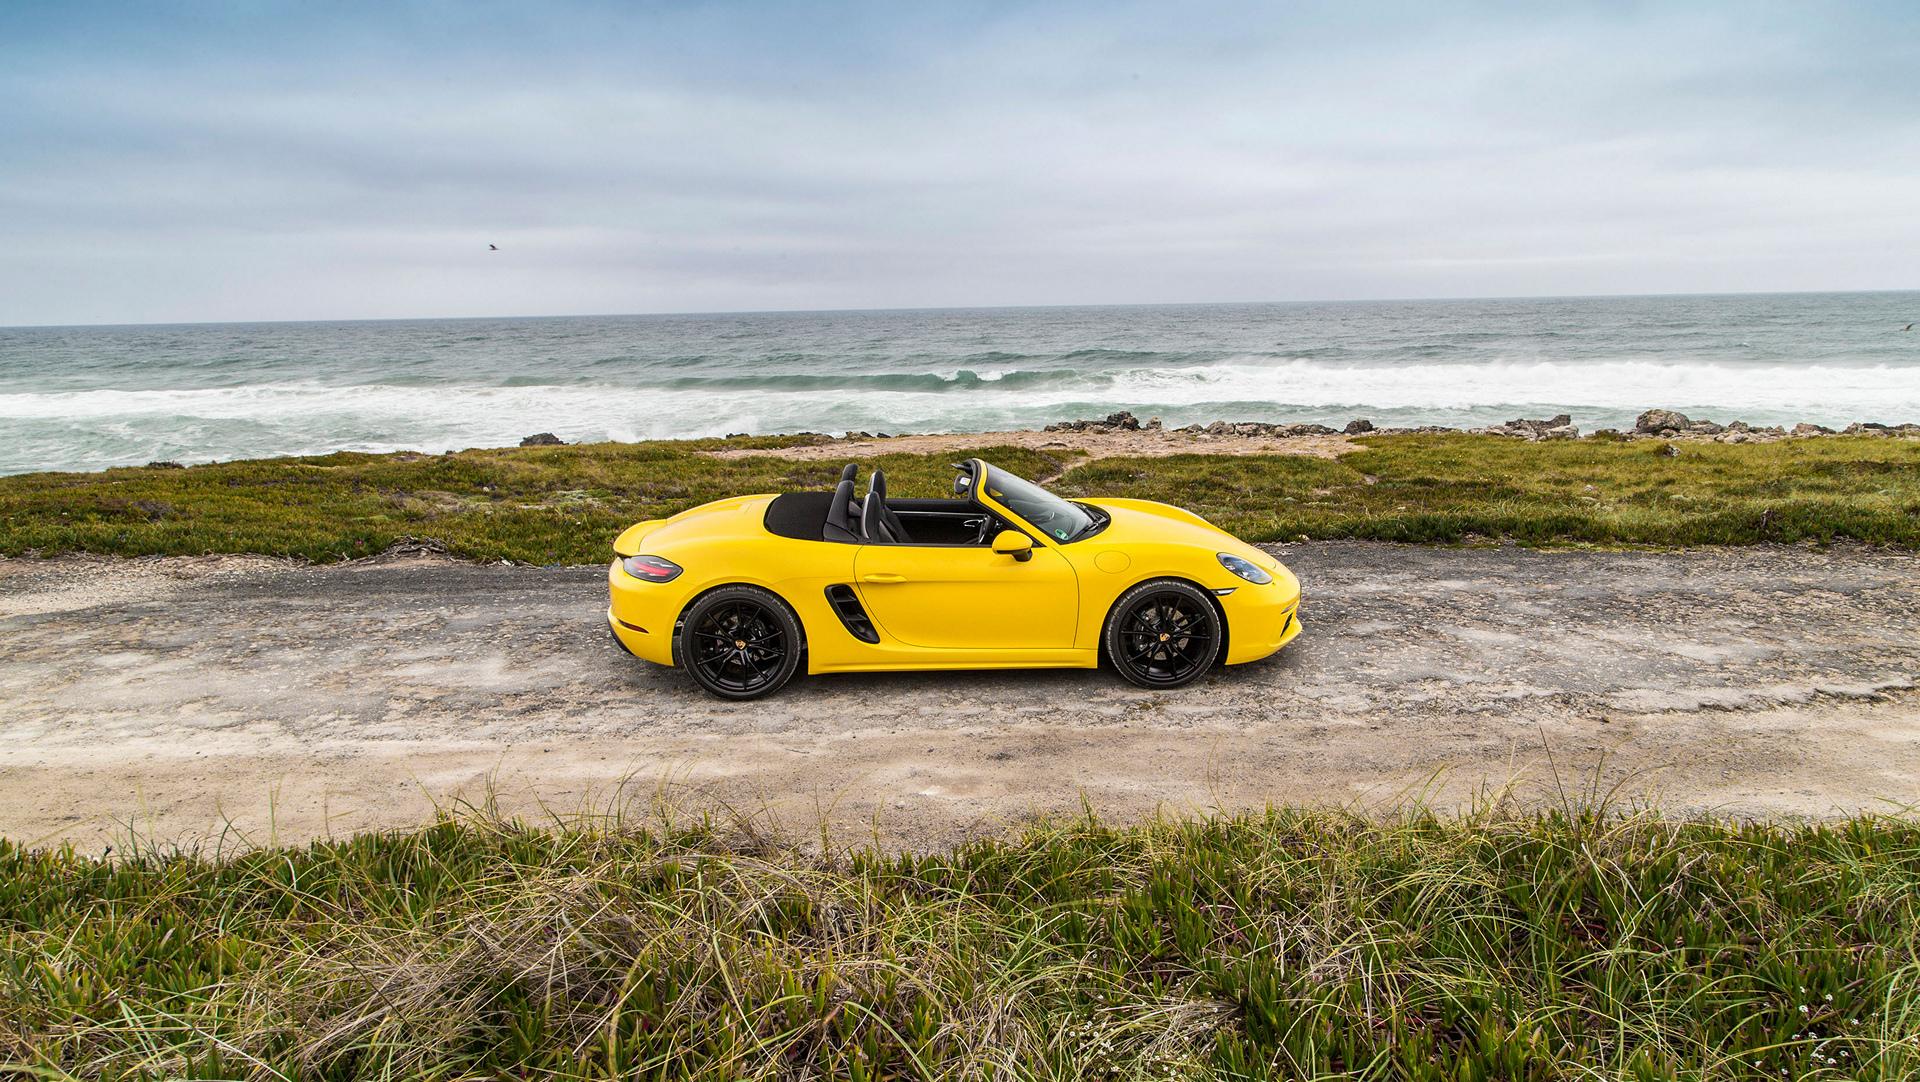 Porsche 718 Boxster © Dr. Ing. h.c. F. Porsche AG